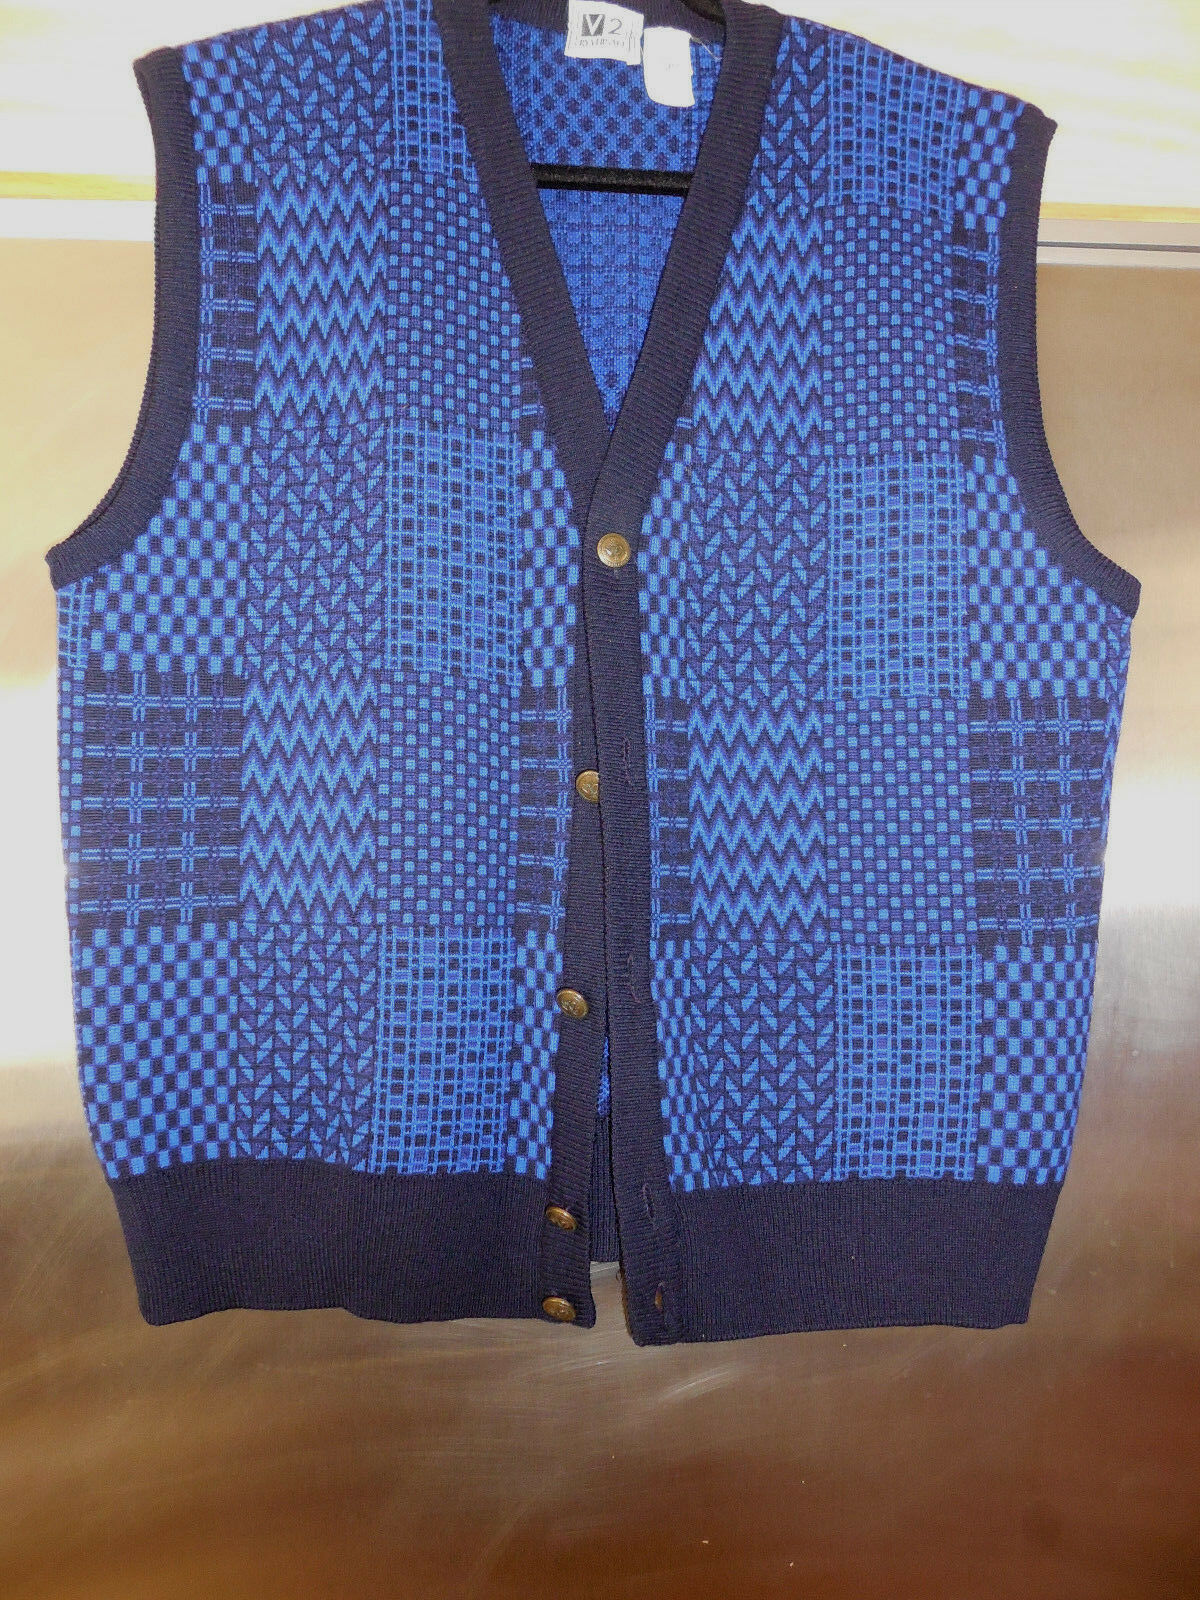 VINTAGE VERSACE's V2 Sweater Vest Royal Blau geo  button down  Medium  Herren